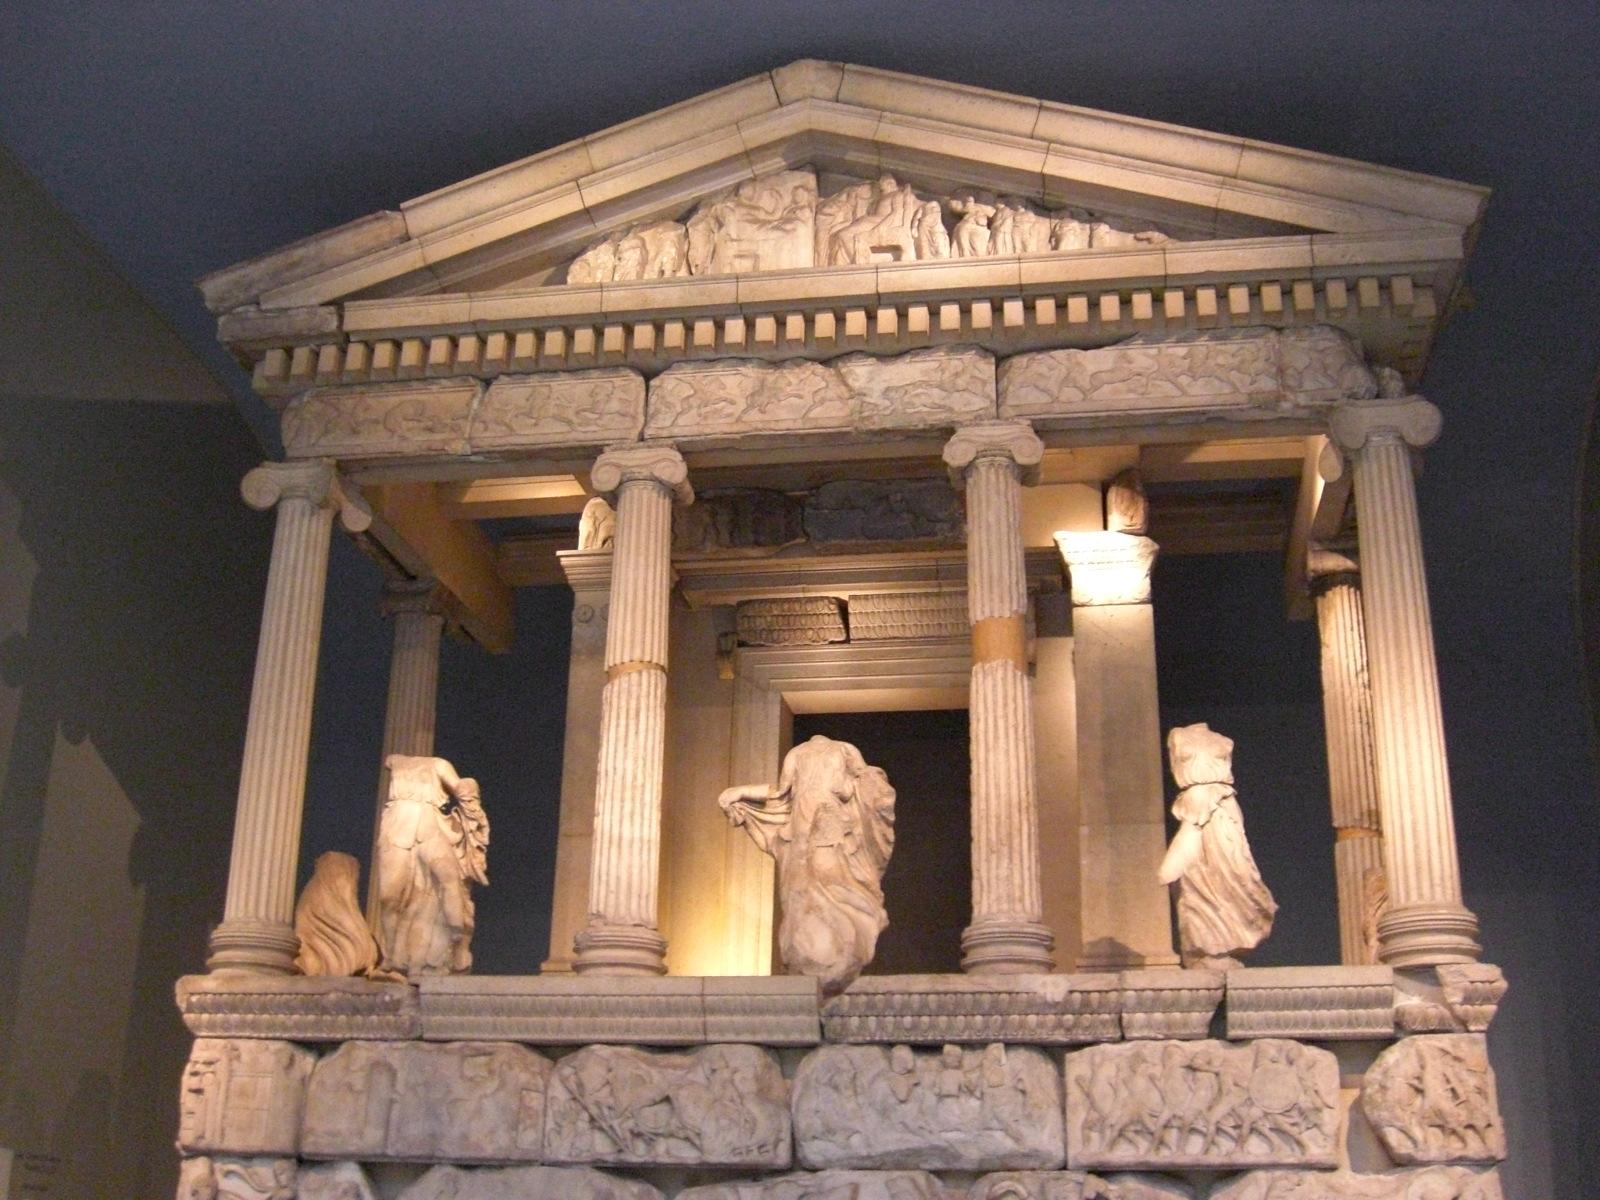 Greek orders – Visiting houses & gardens